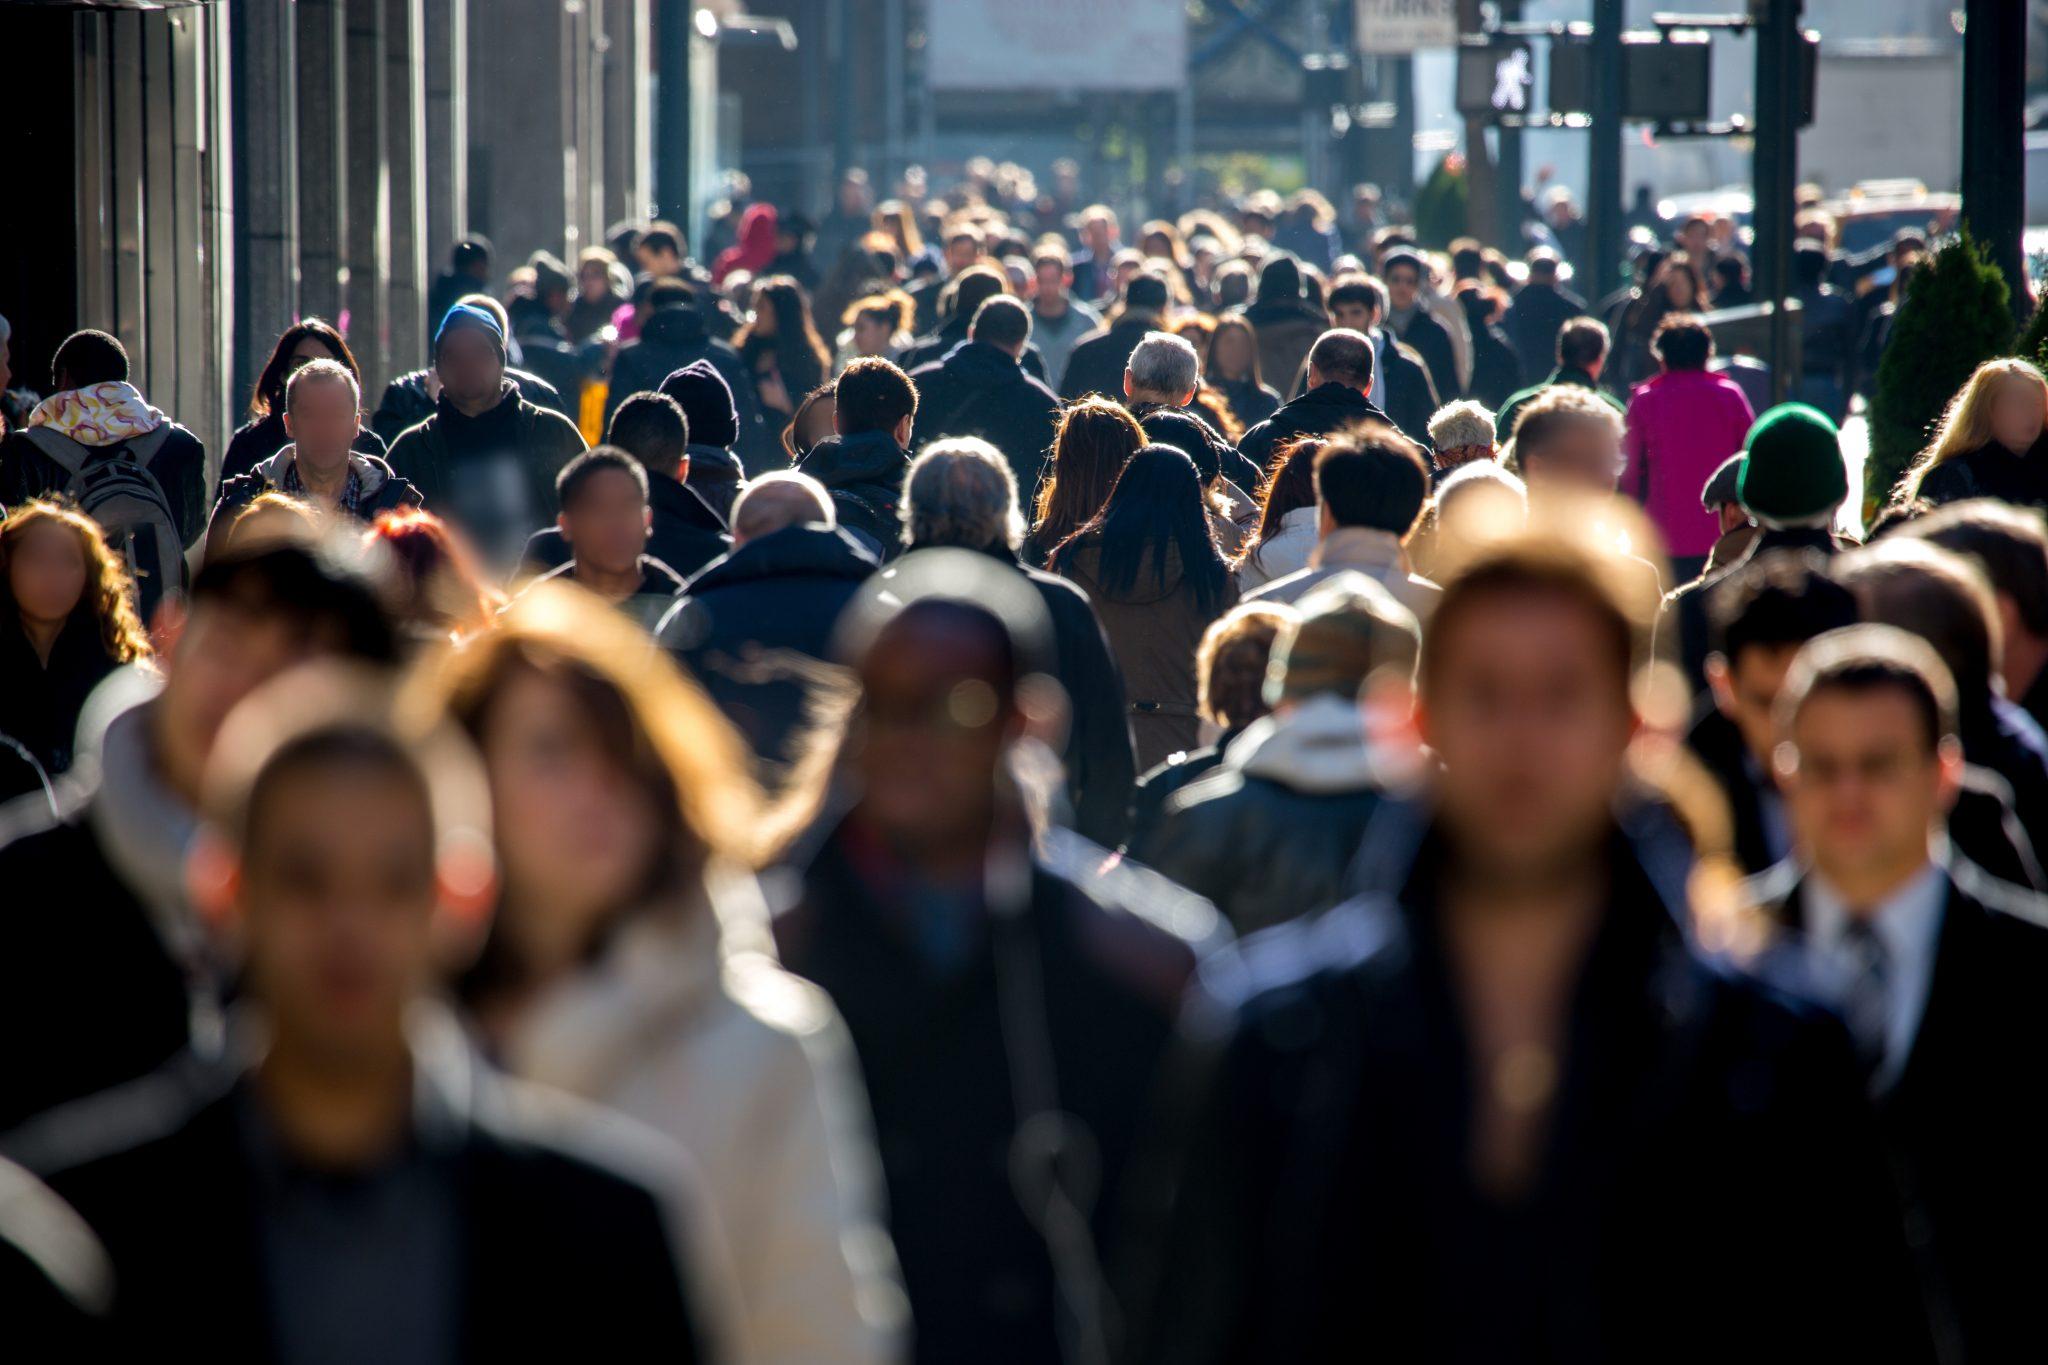 Κροατία: Προετοιμασίες για την εαρινή απογραφή πληθυσμού